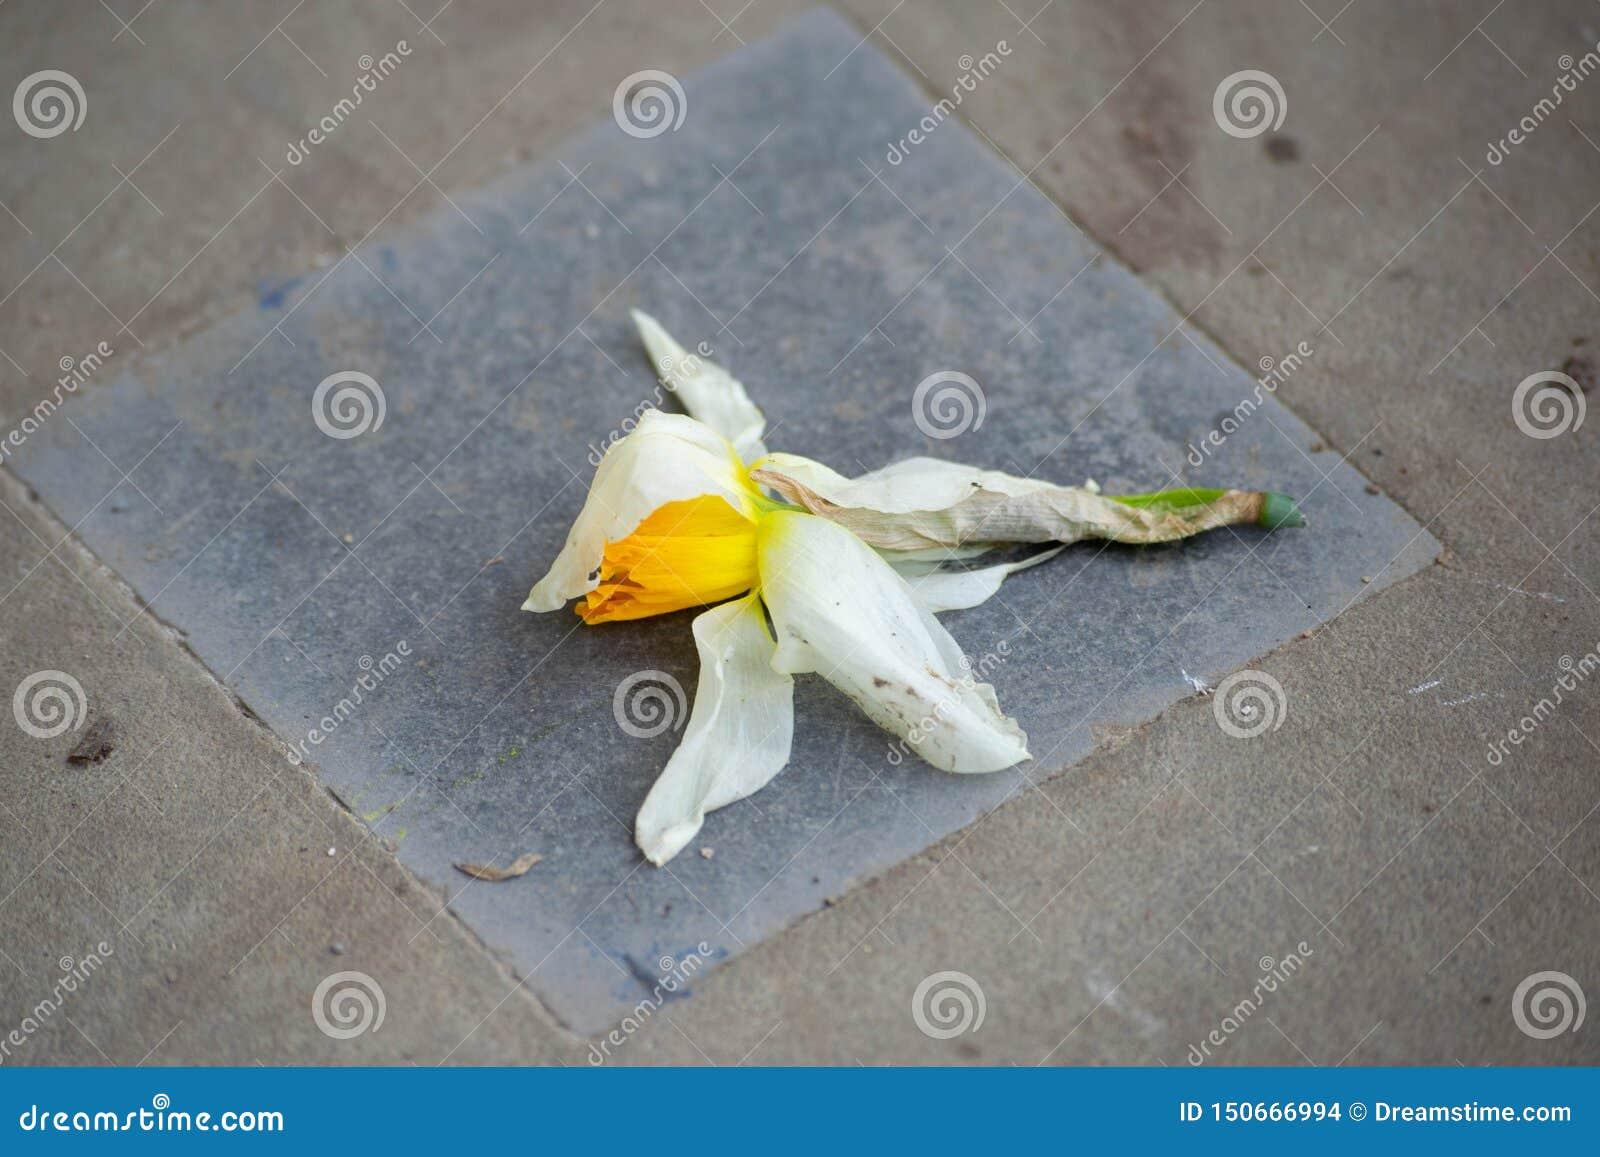 Flor olvidada en la tierra